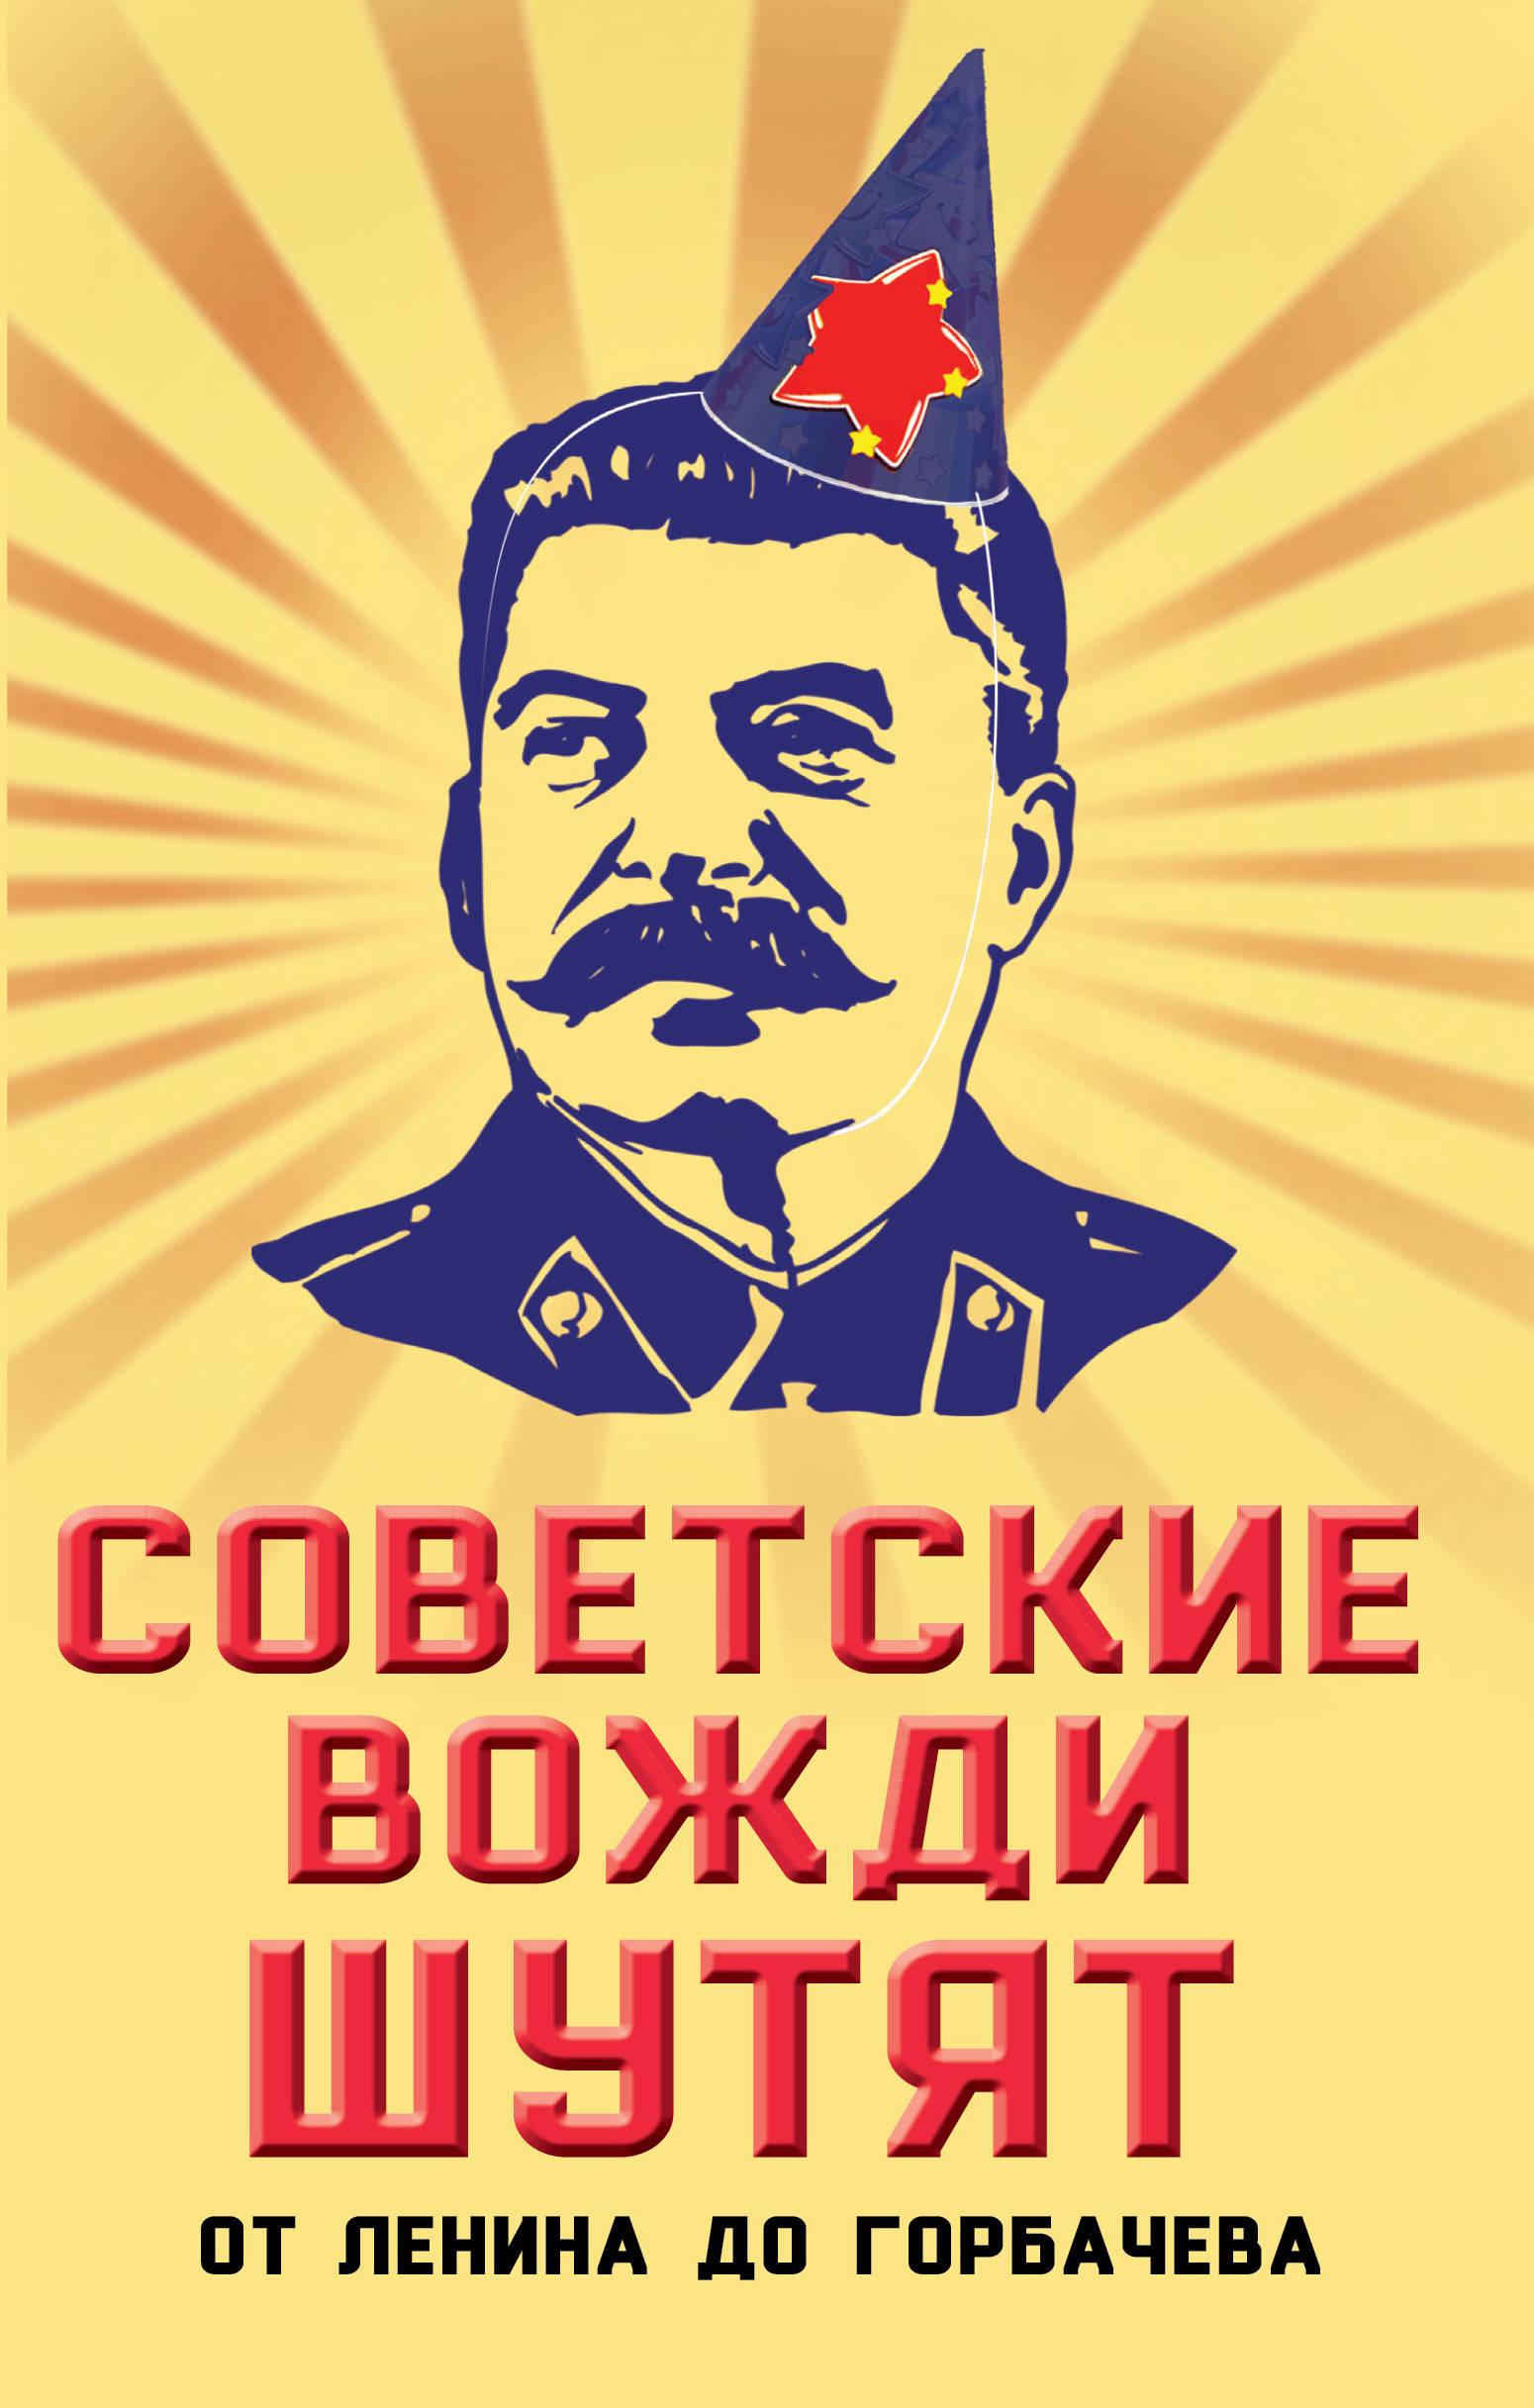 Вострышев Михаил Иванович Советские вожди шутят. От Ленина до Горбачева